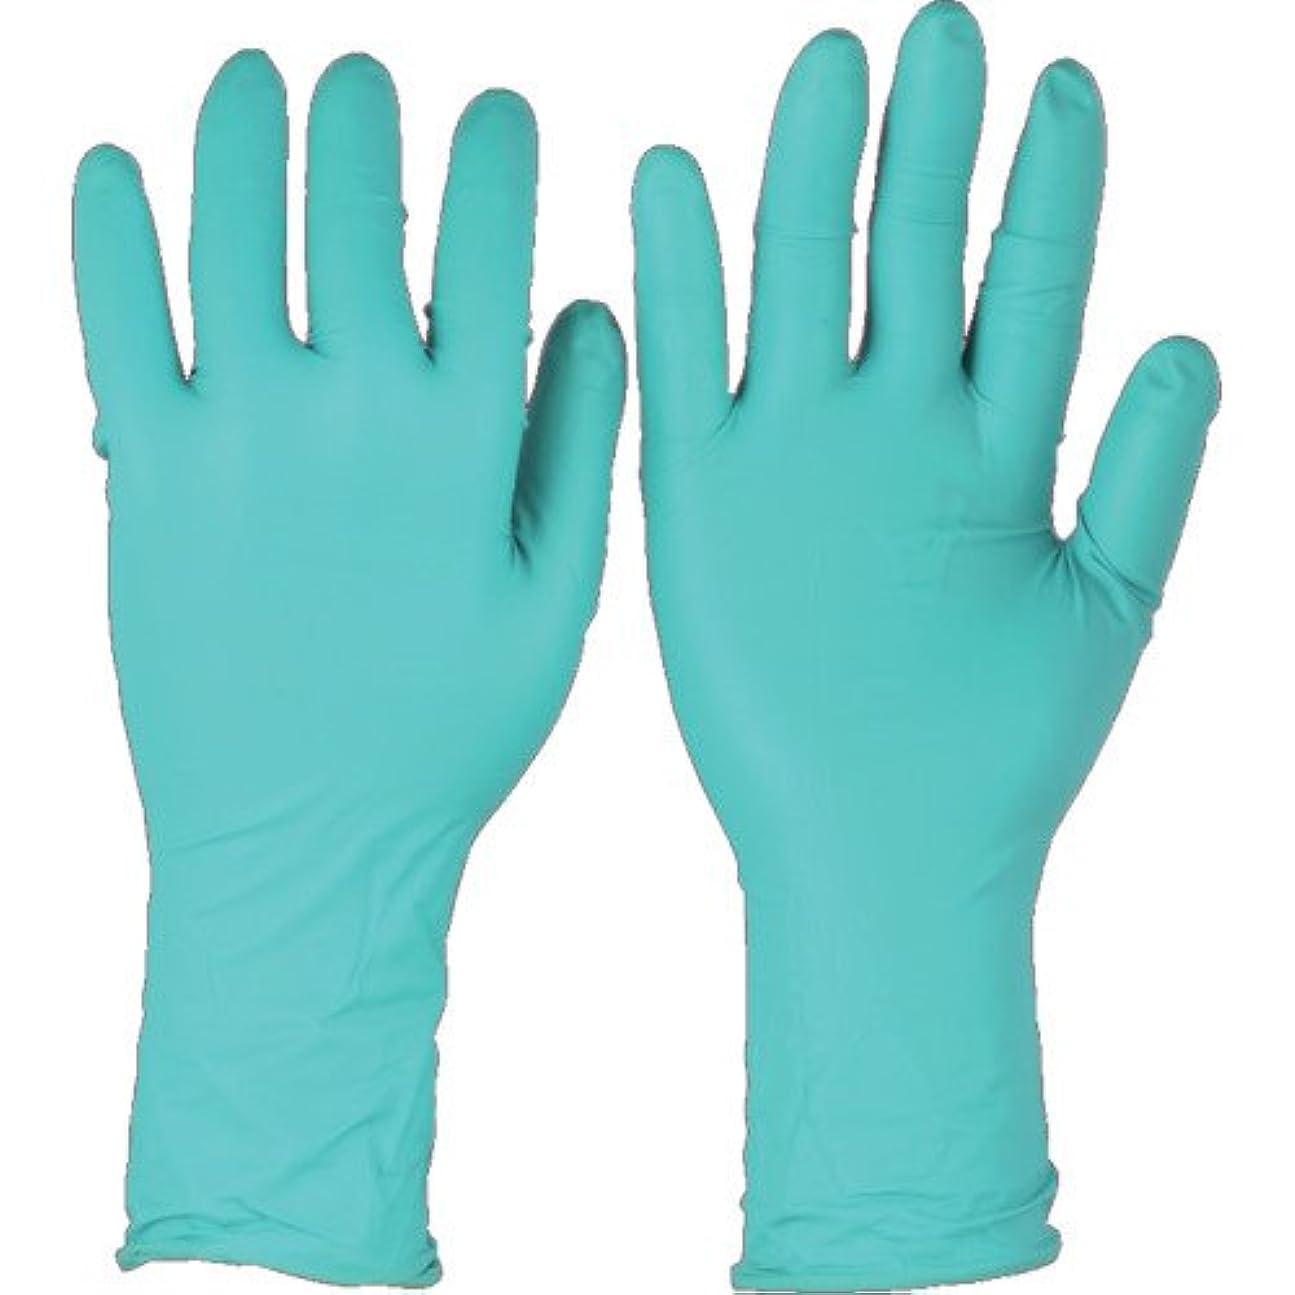 怖い配管ディレクタートラスコ中山 アンセル ネオプレンゴム使い捨て手袋 マイクロフレックス 93-260 Sサイズ (50枚入)  932607